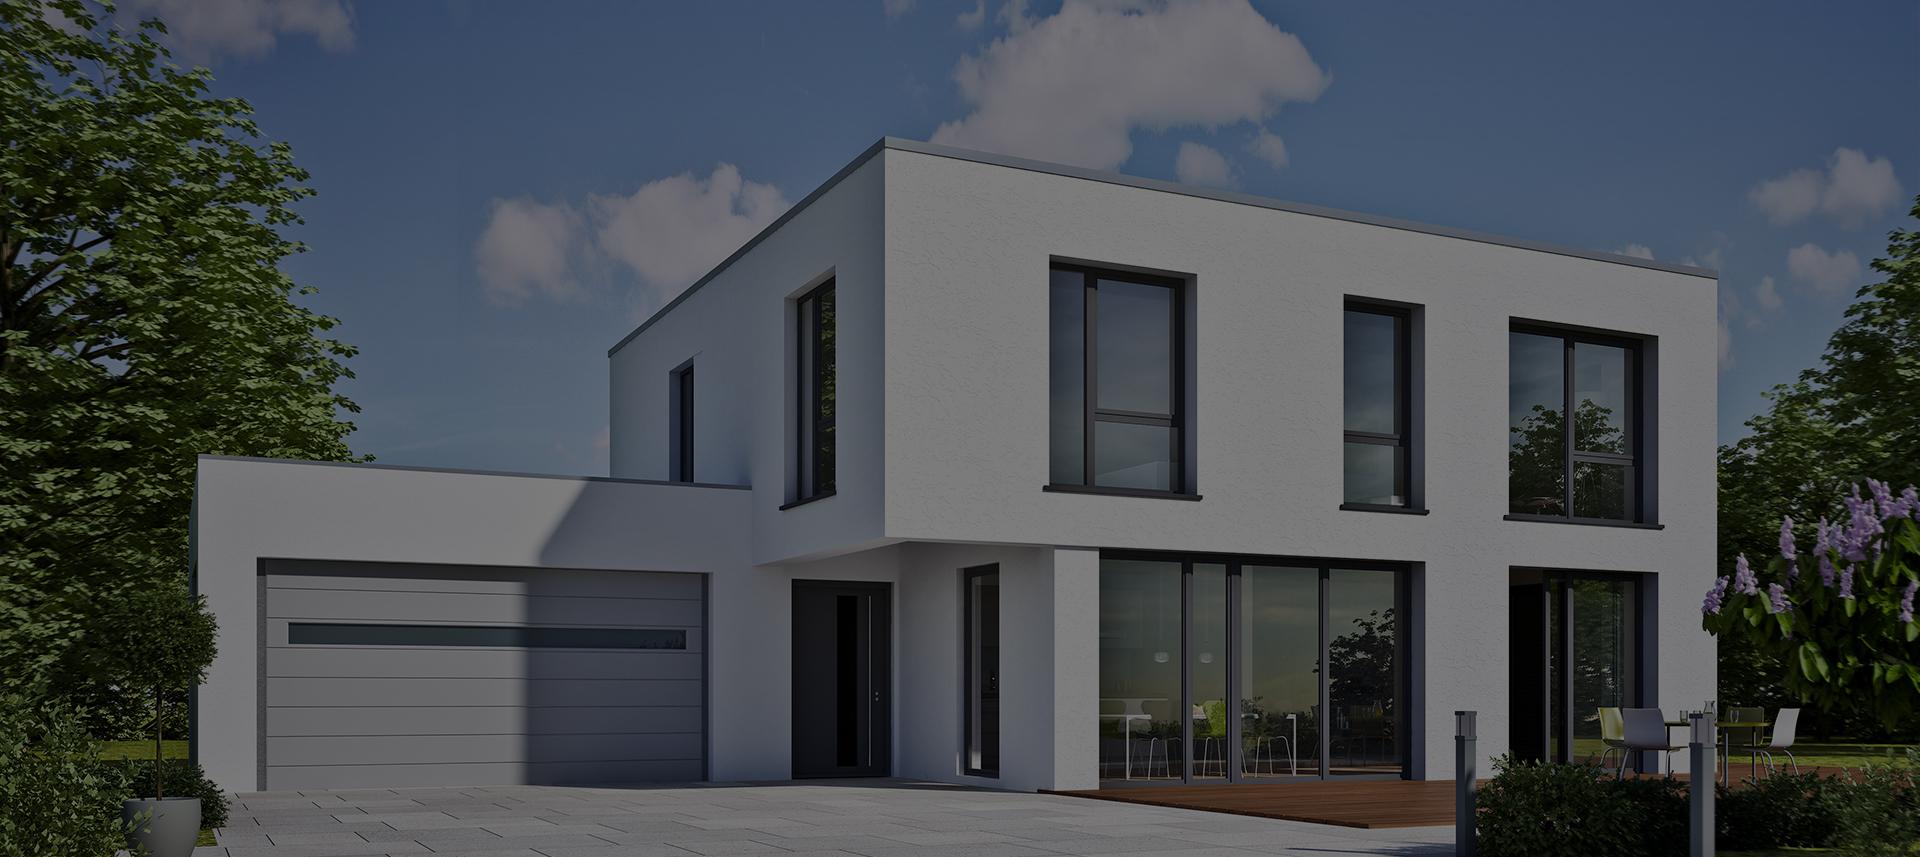 Constructeur maison individuelle clermont ferrand 63 vichy 03 for Constructeur maison allier